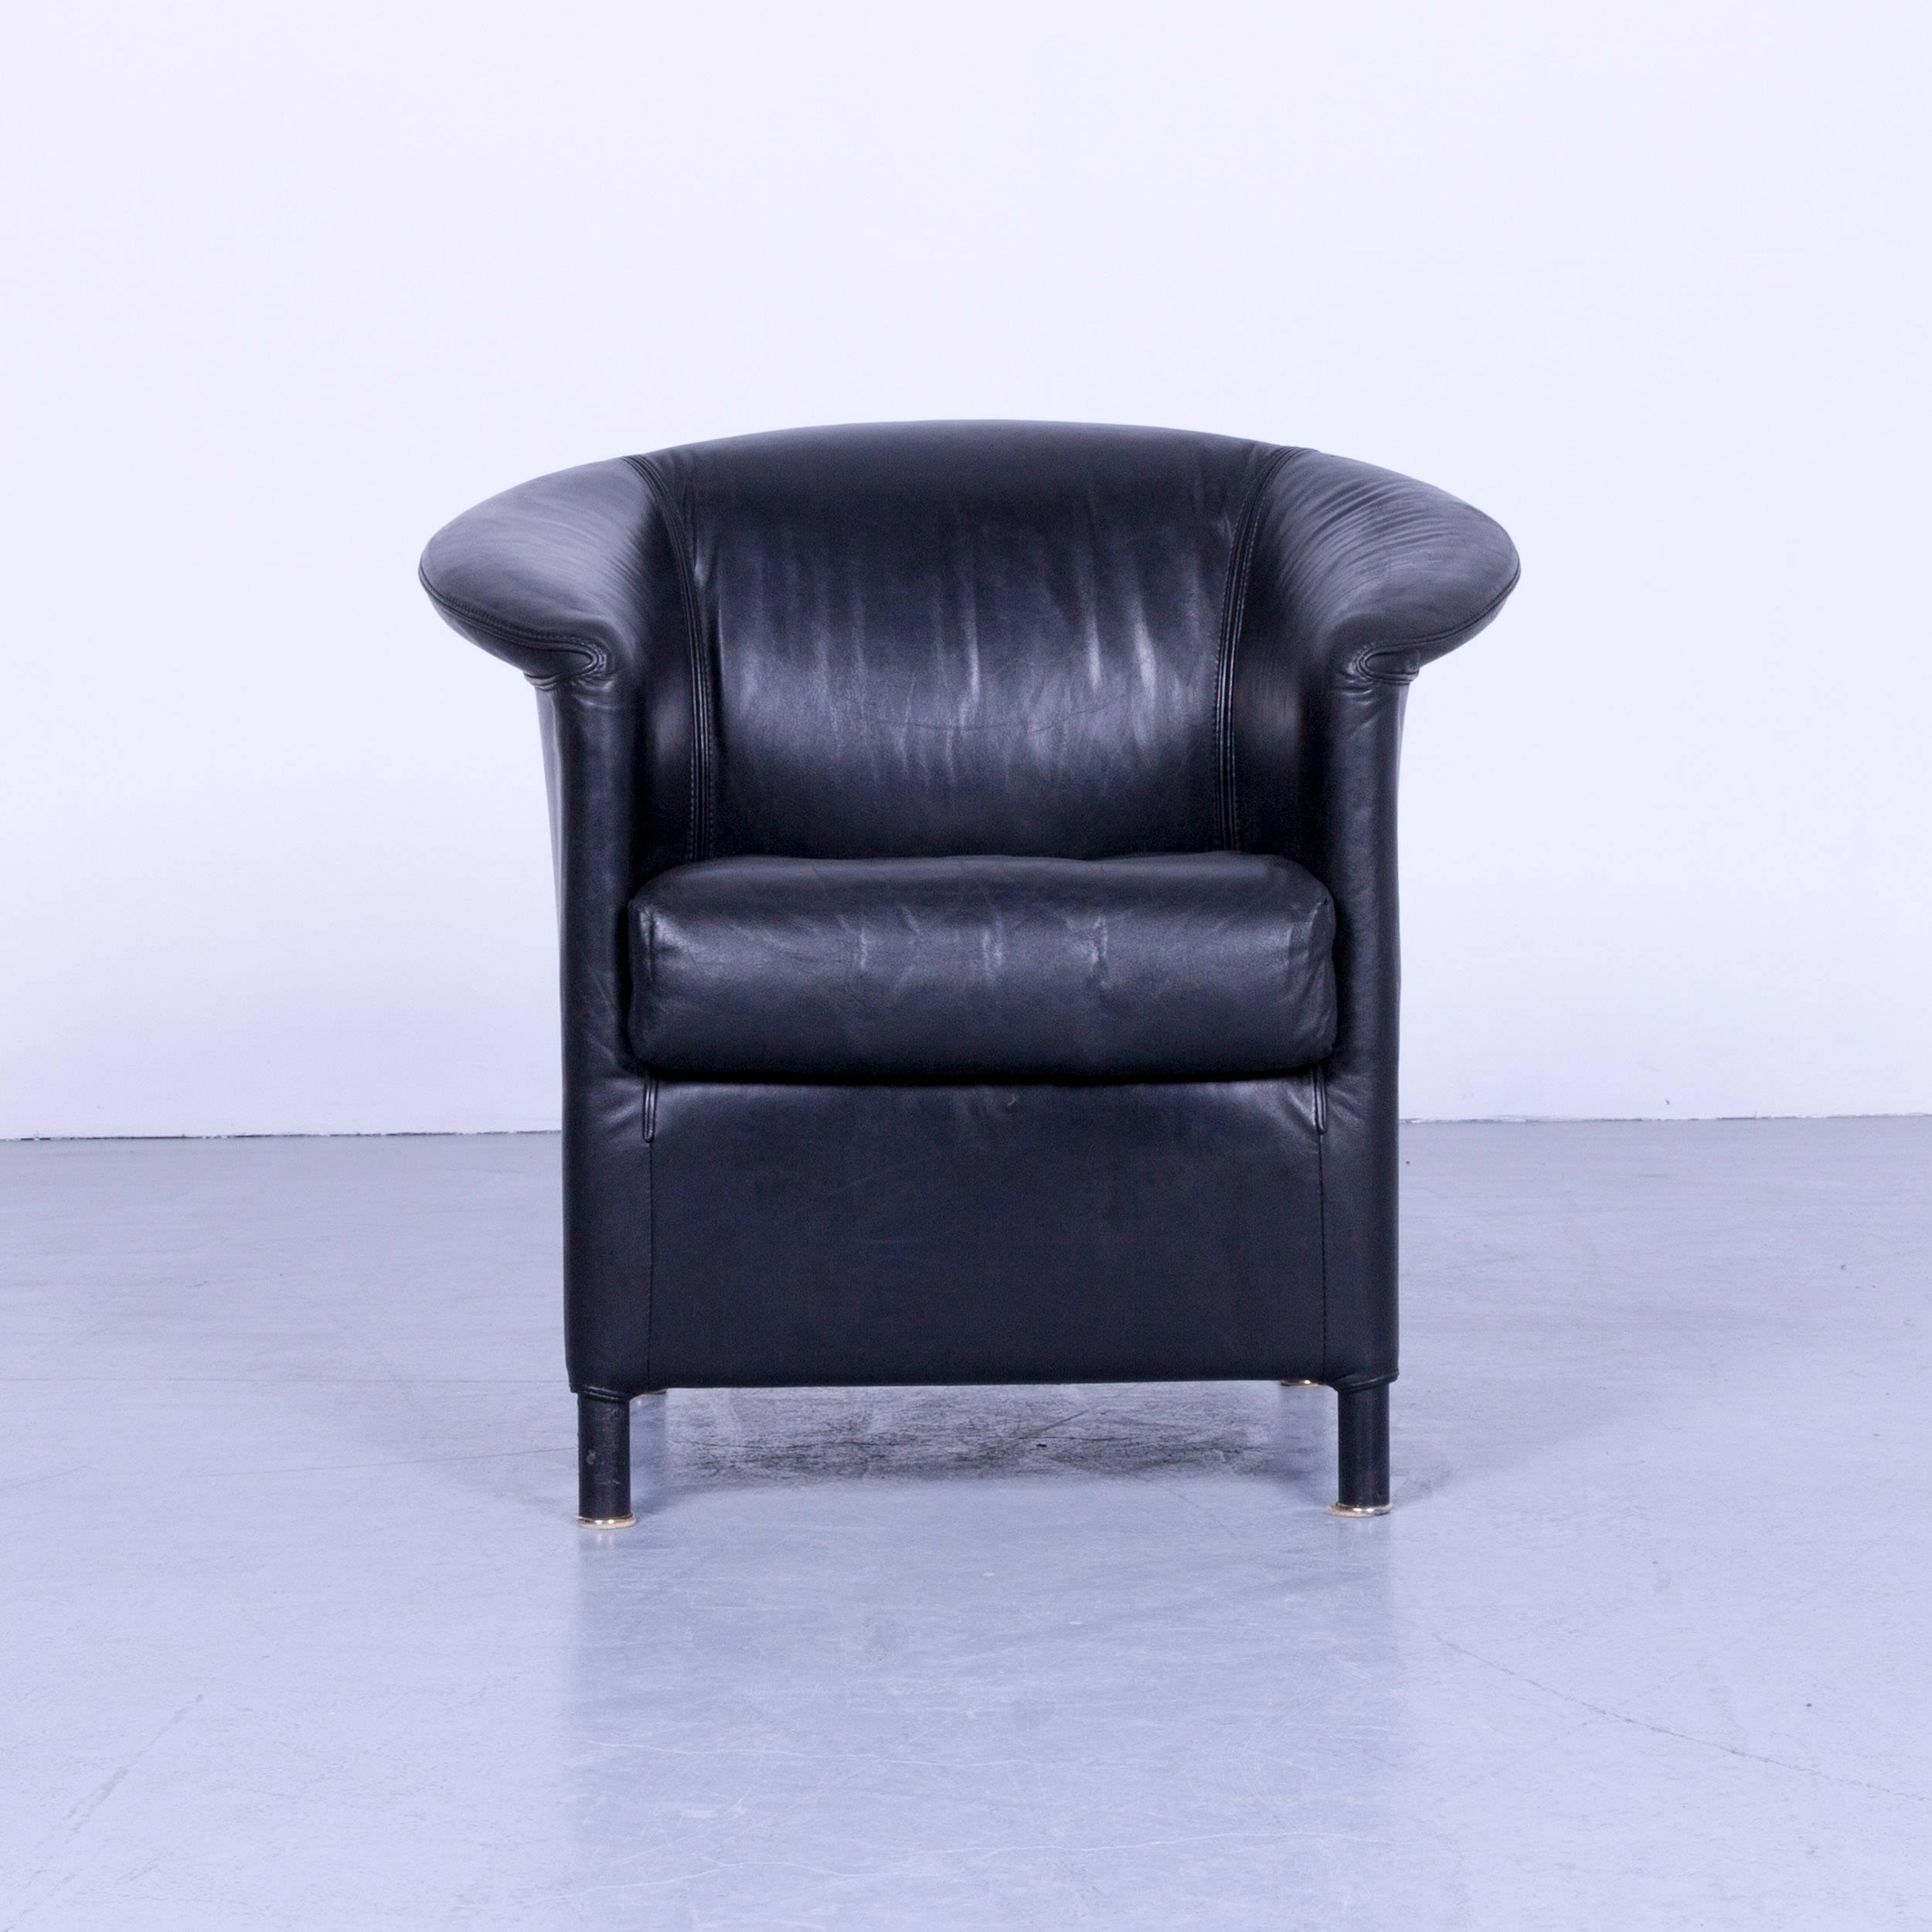 Poliform Sofa Kaufen Franz Fertig Scene Grünbeck Einrichtungen Wien